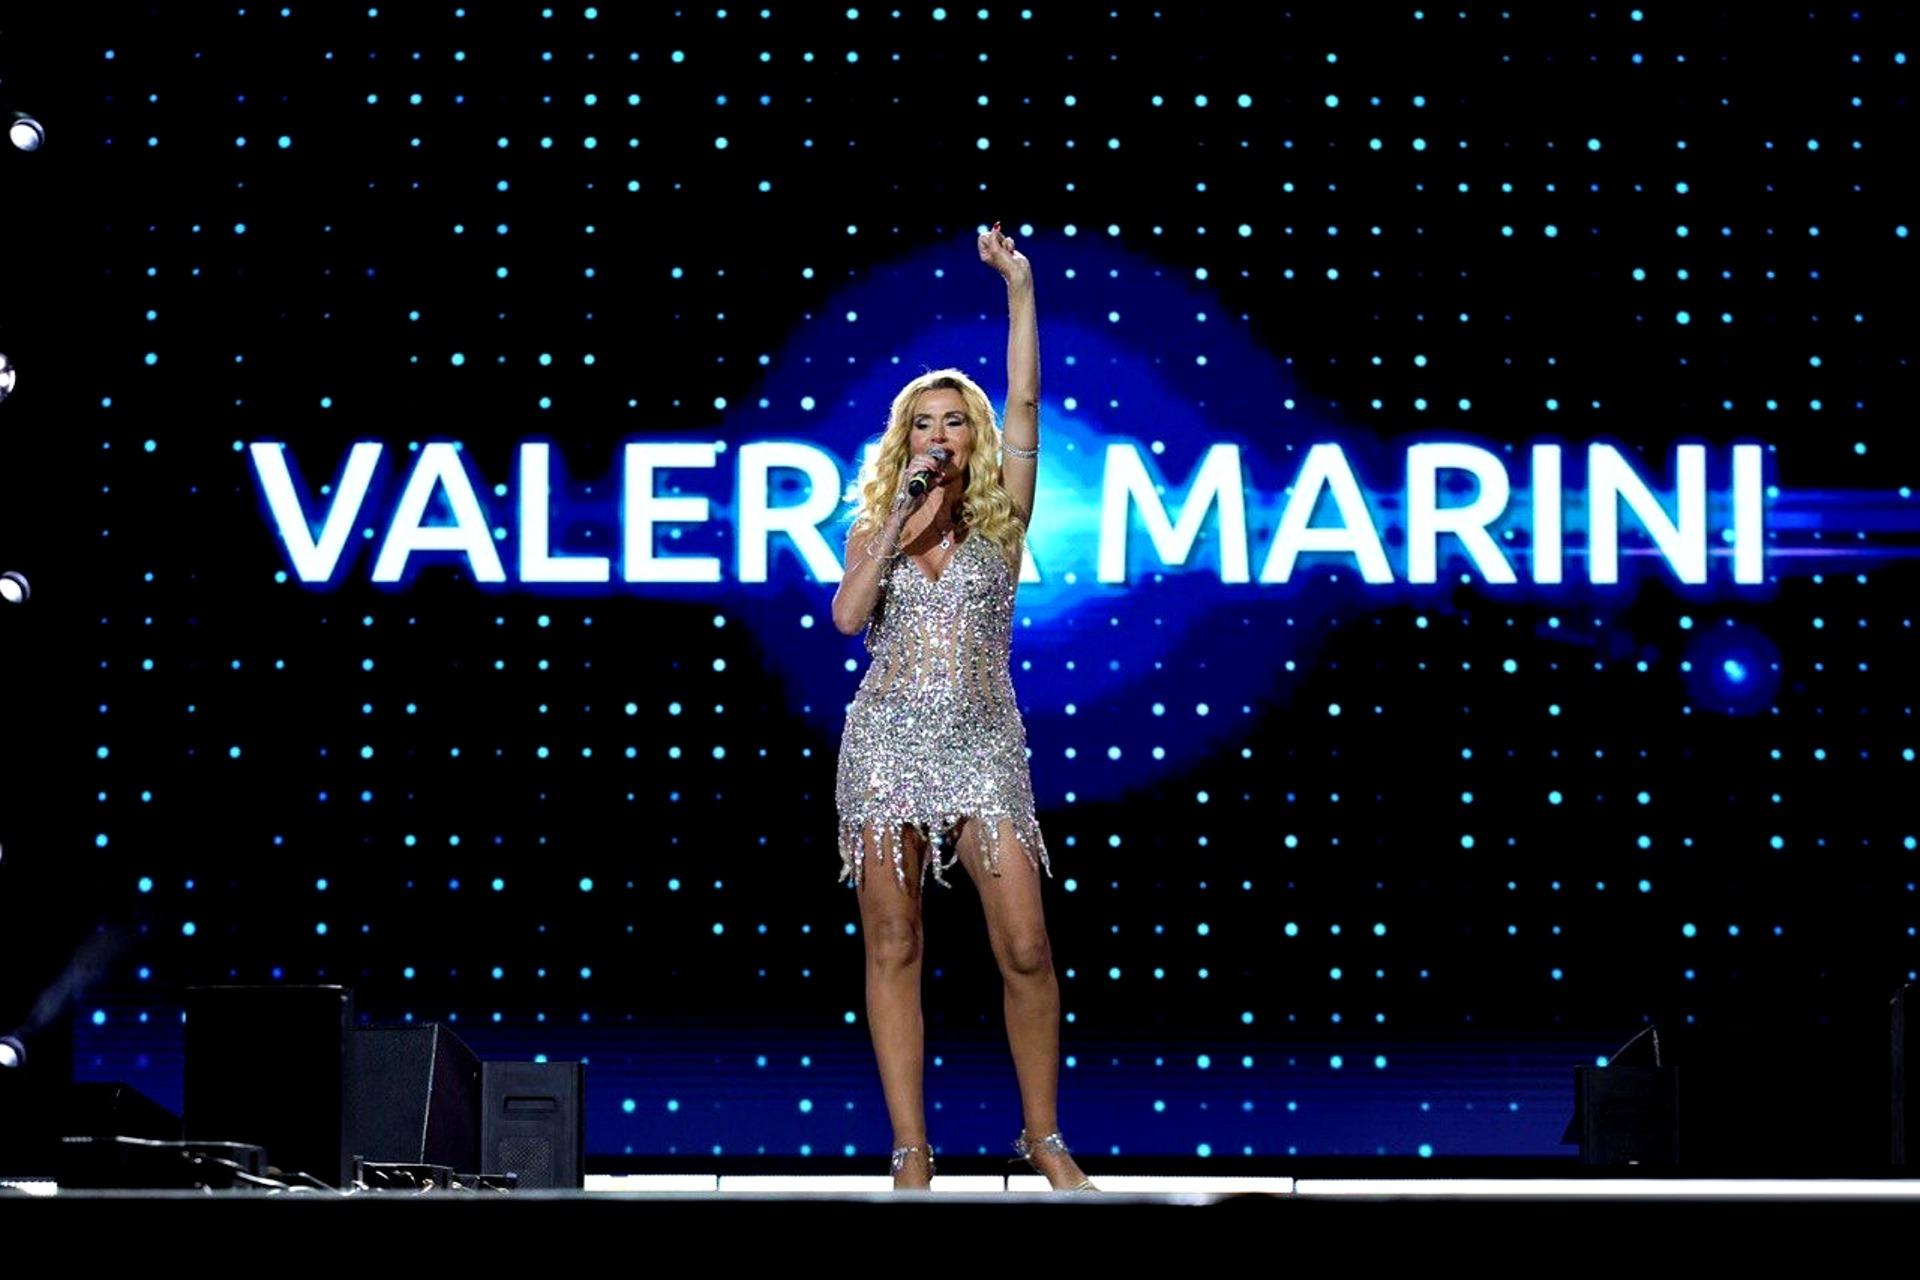 In arrivo il boom di VALERIA MARINI